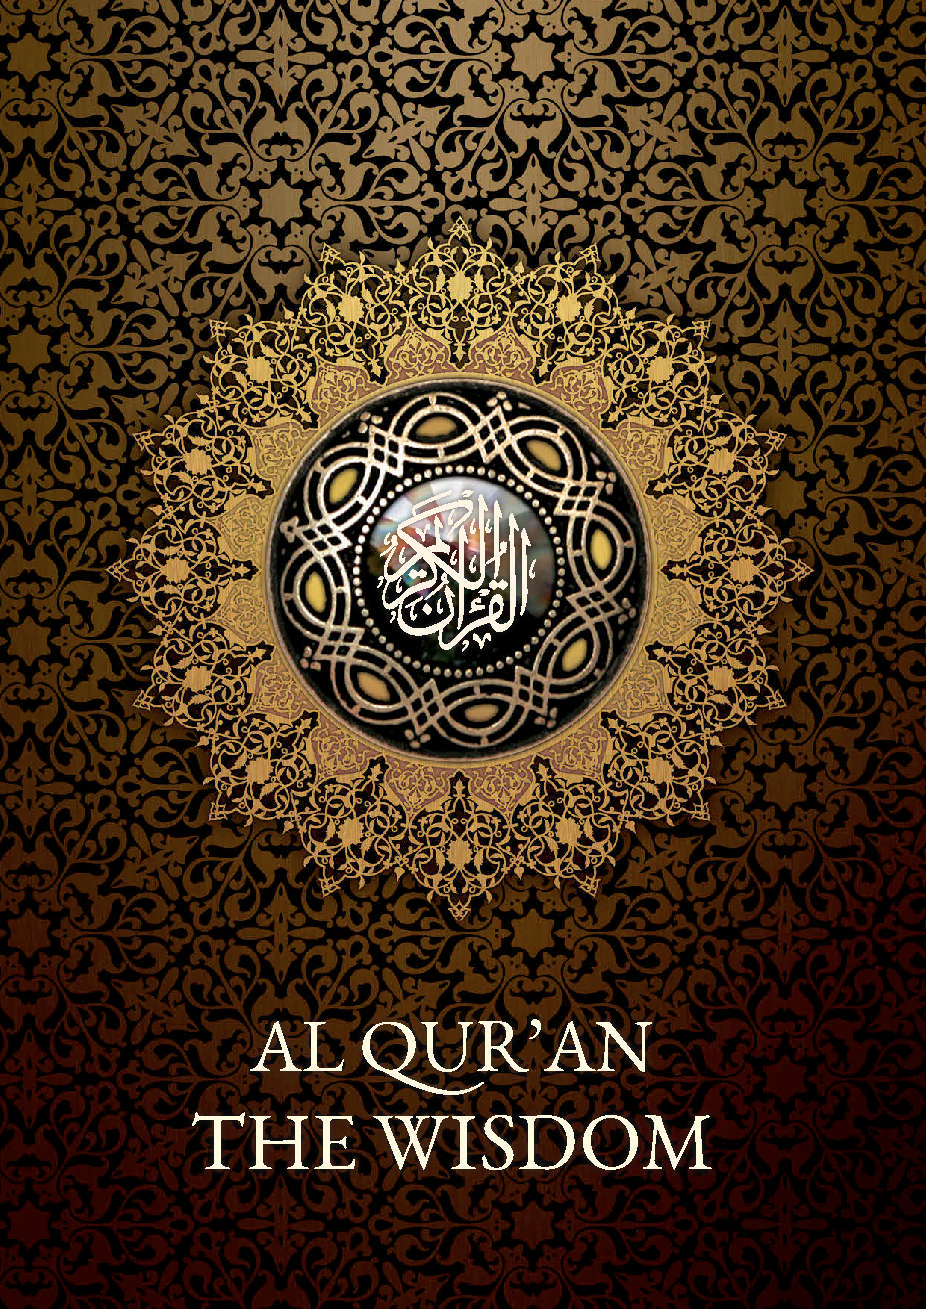 Jual Buku Al Qur An The Wisdom Juz 1 3 Oleh Yayasan Penyelenggara